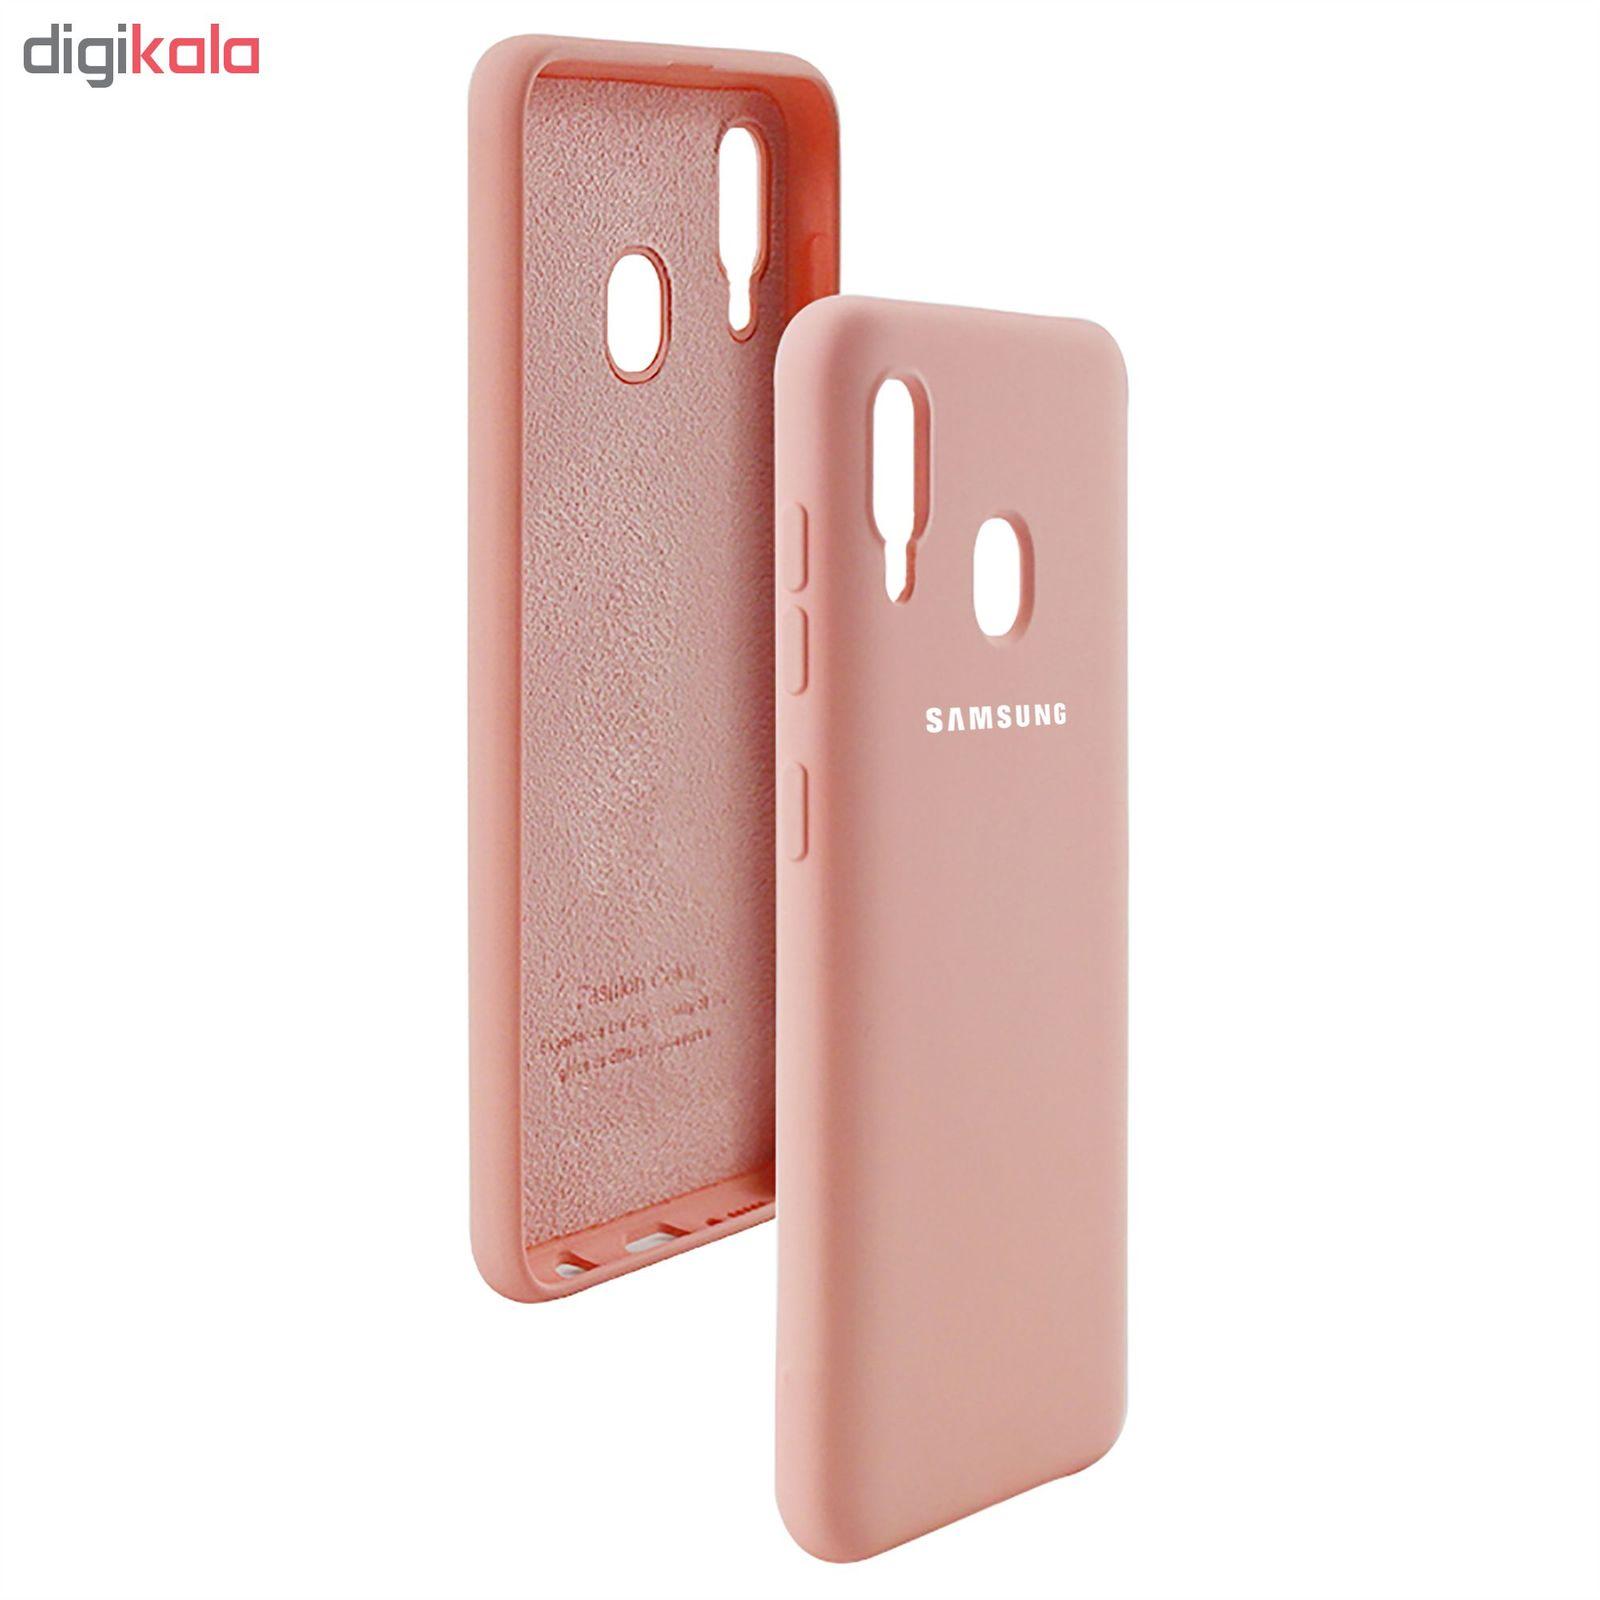 کاور مدل Silc مناسب برای گوشی موبایل سامسونگ Galaxy A10S main 1 16